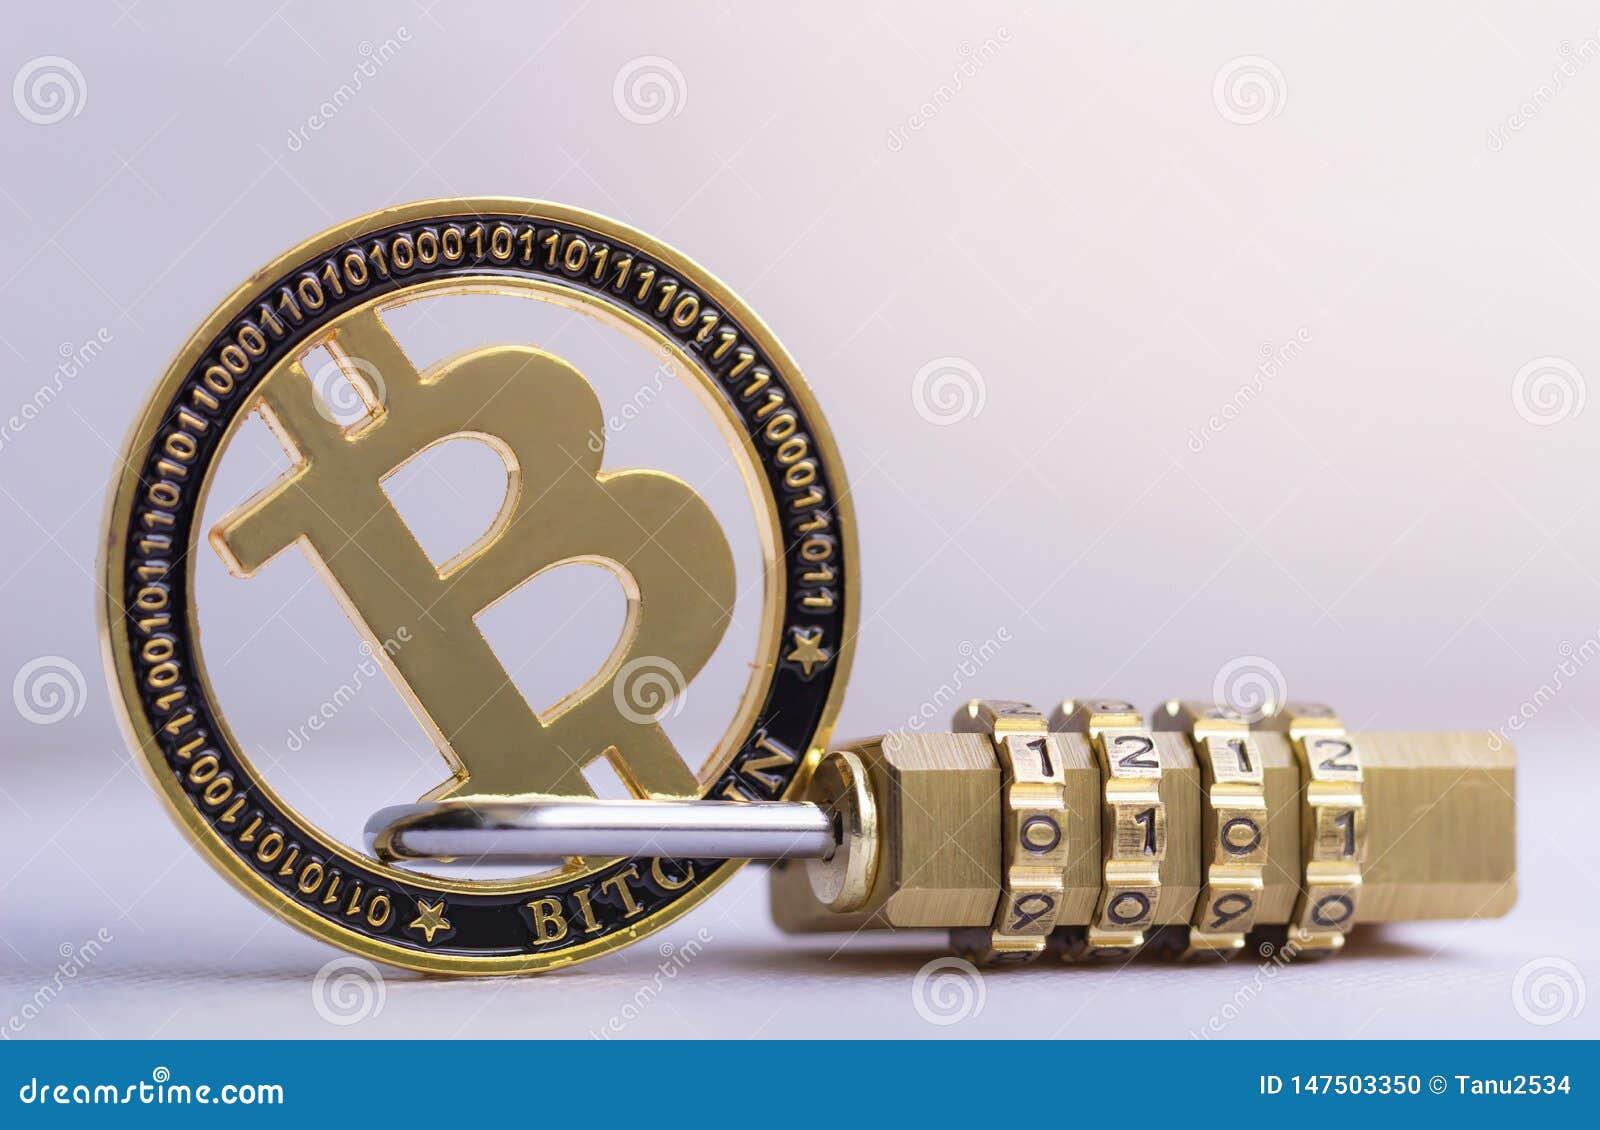 Χρυσό νόμισμα Bitcoin με το λουκέτο που βρίσκεται στο άσπρο υπόβαθρο Ασφάλεια Bitcoin